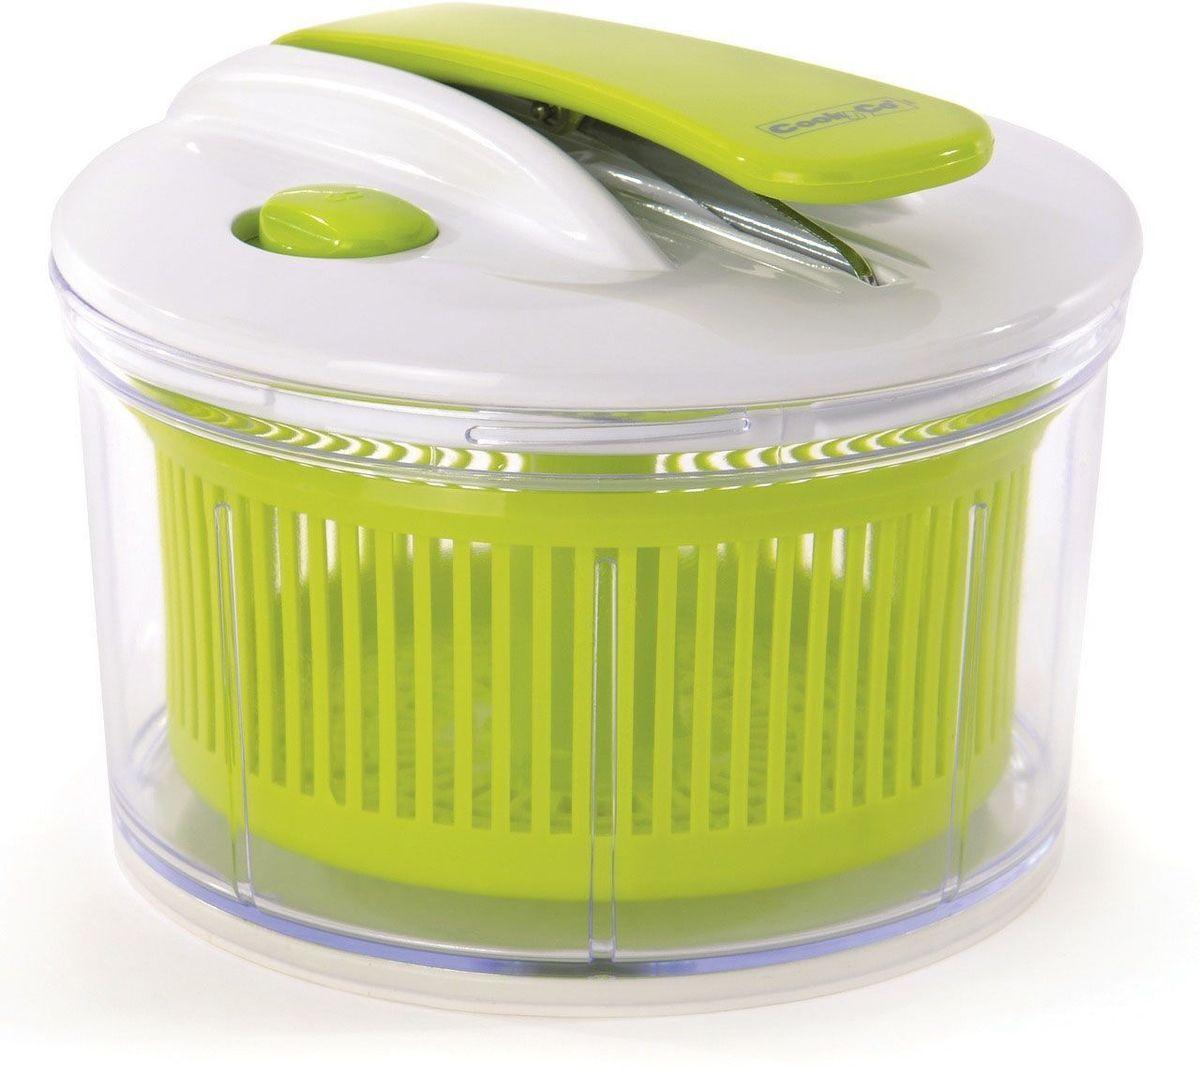 Сушилка для салата BergHOFF Cook&Co54 009312Сушилка для салата BergHOFF Cook&Co поможет вам в приготовлении полезных и вкусных салатов. Изделие выполнено из высококачественного пластика. Оно сушит овощи в считанные секунды, просто вымойте овощи или зелень, поместите внутрь. Нажимая на ручку, вы приводите в действие внутреннее сито, создается центрифуга, и вся влага оседает на стенках контейнера. Сушилка имеет кнопку блокировки, удобно собирается и разбирается. Резиновое основание предотвращает скольжение. Прозрачная миска может быть использована как салатник, а внутреннее сито - для слива всех продуктов. Подходит для мытья в посудомоечной машине.